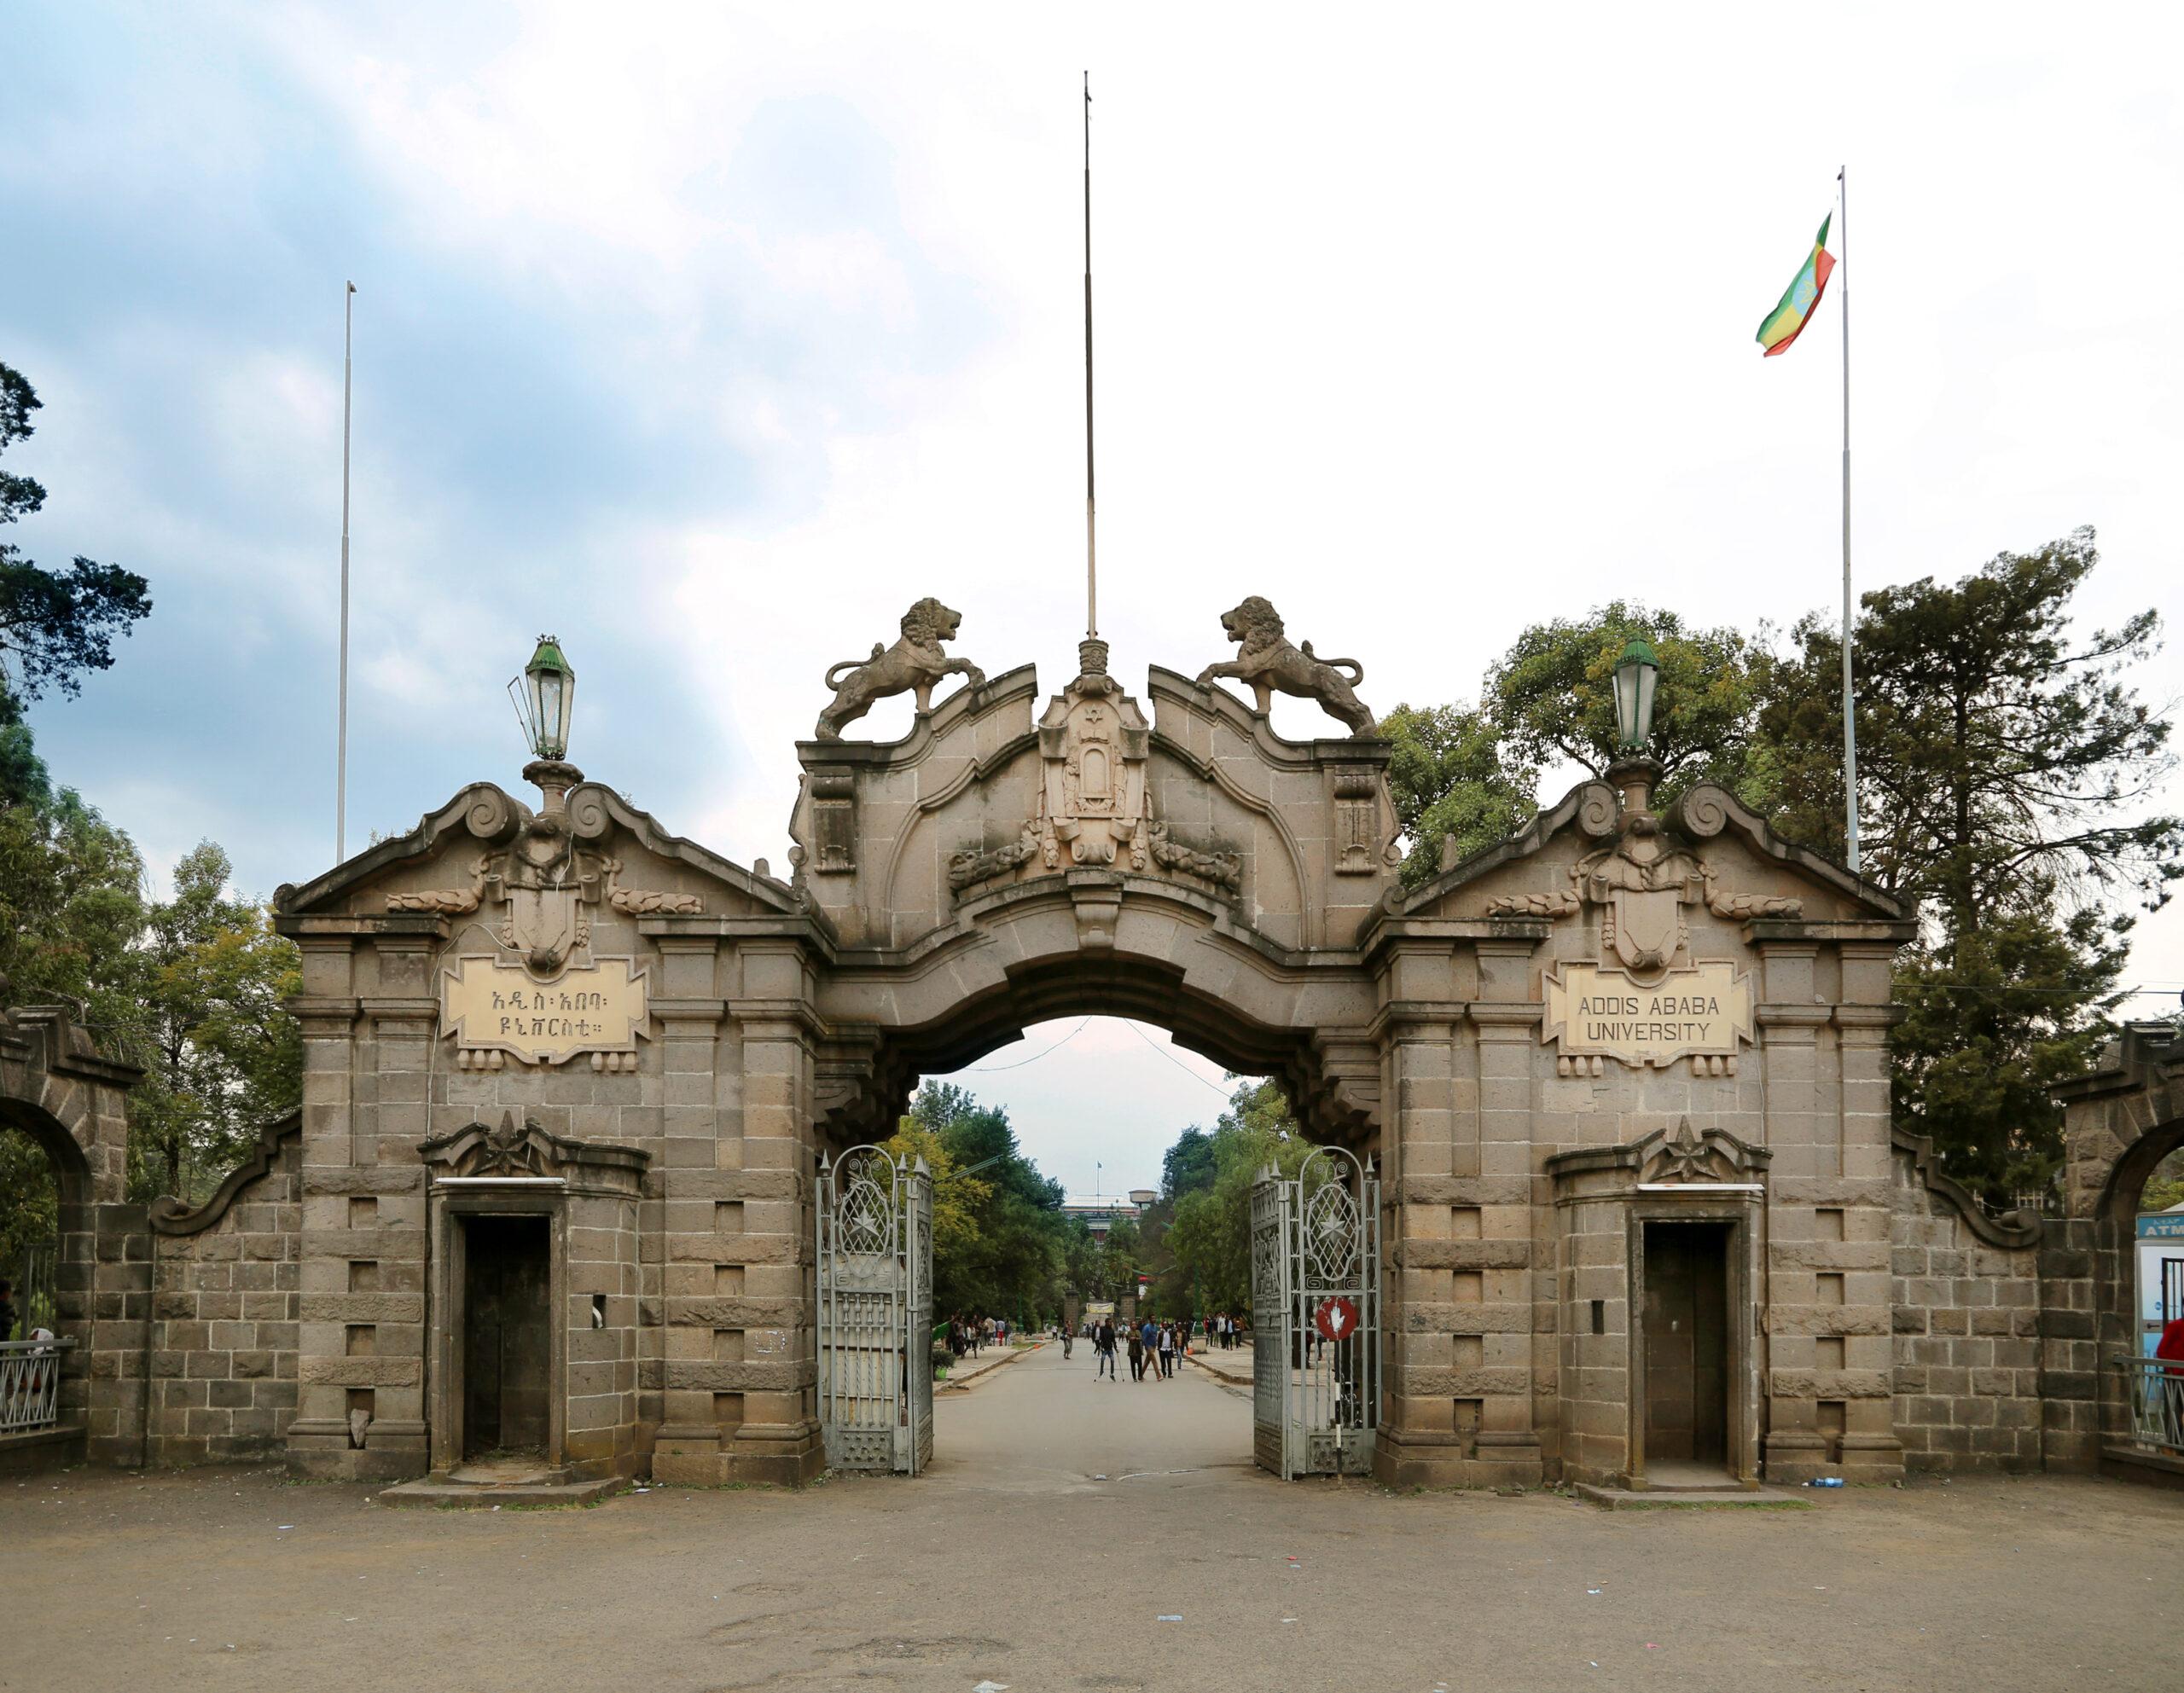 melhores-universidades-da-africa-universidade-de-addis-ababa